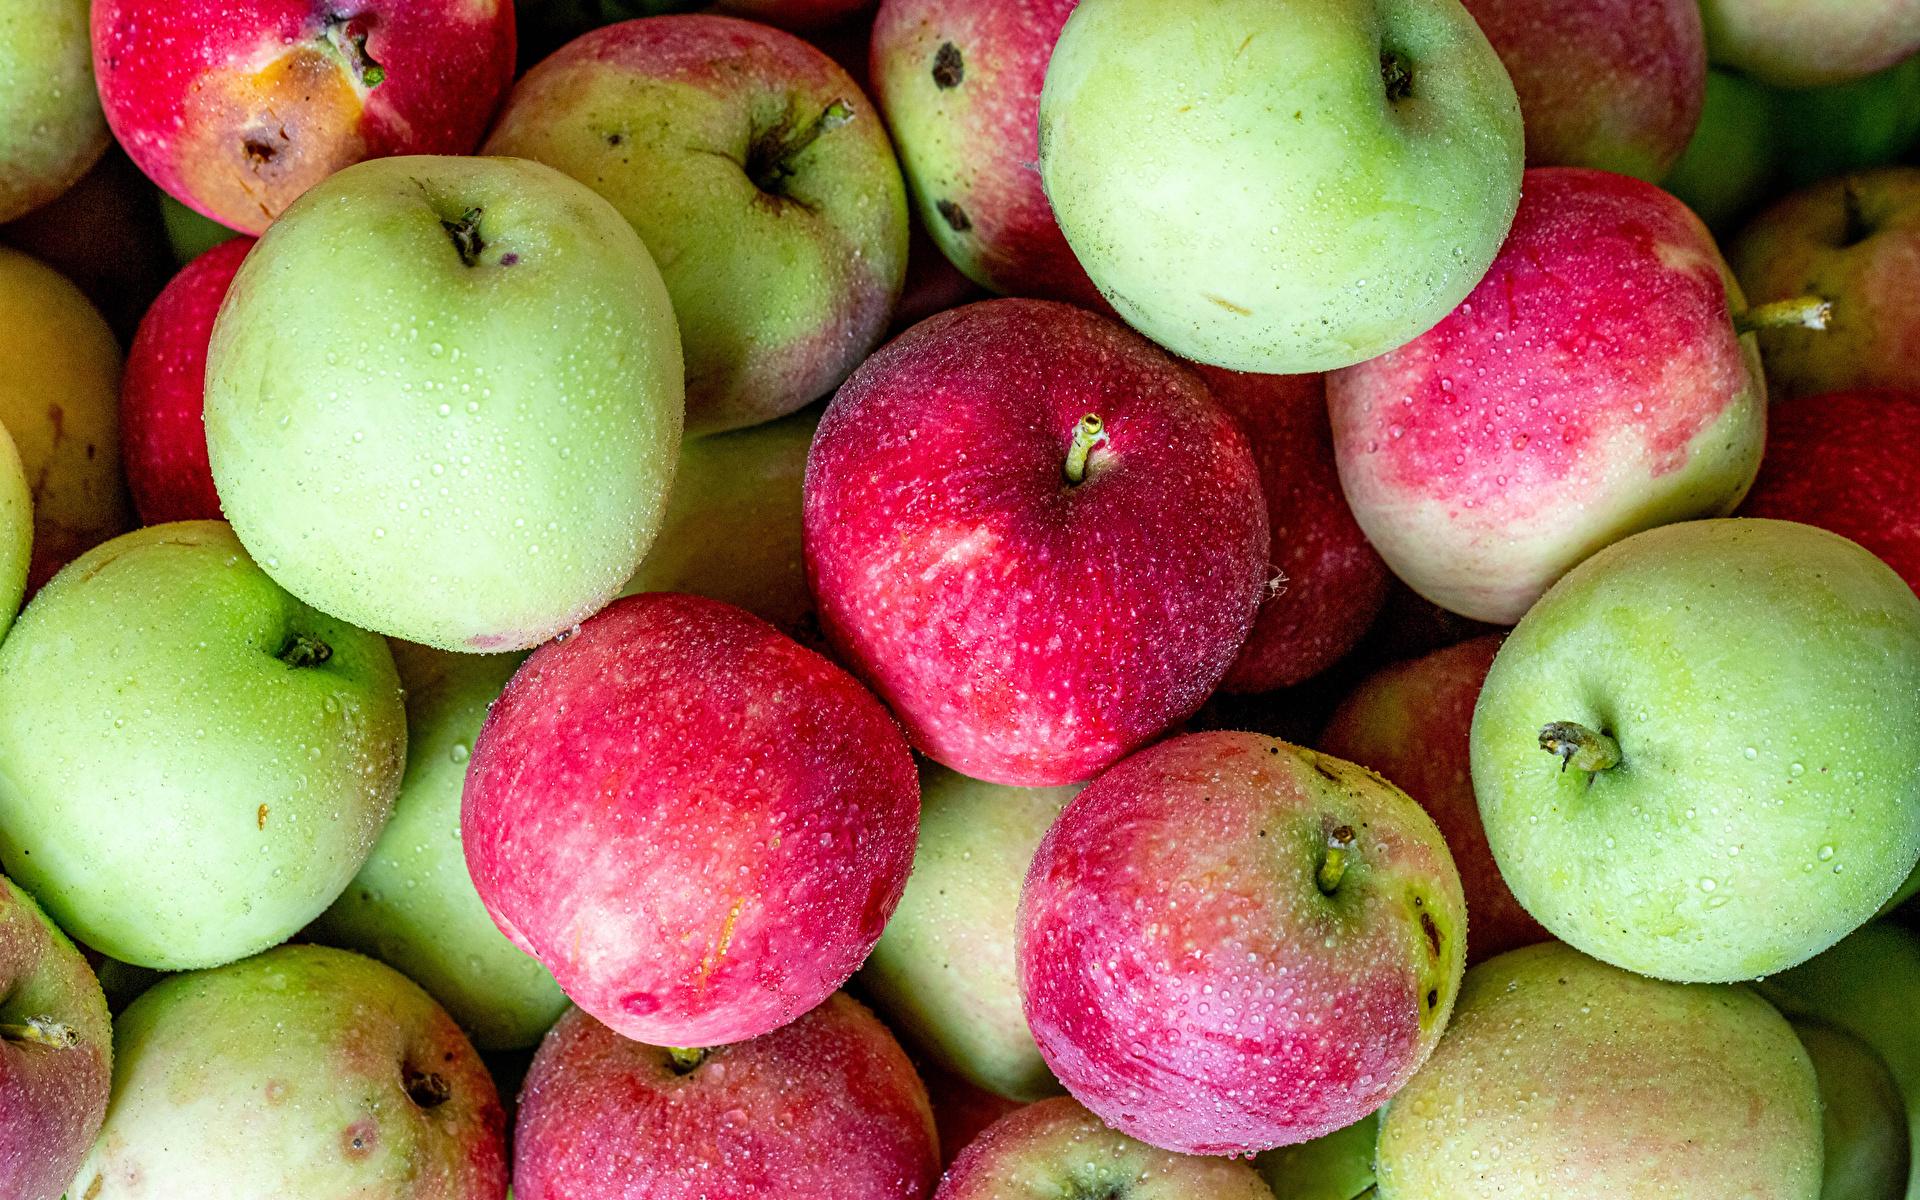 1920x1200、りんご、クローズアップ、、食べ物、食品、